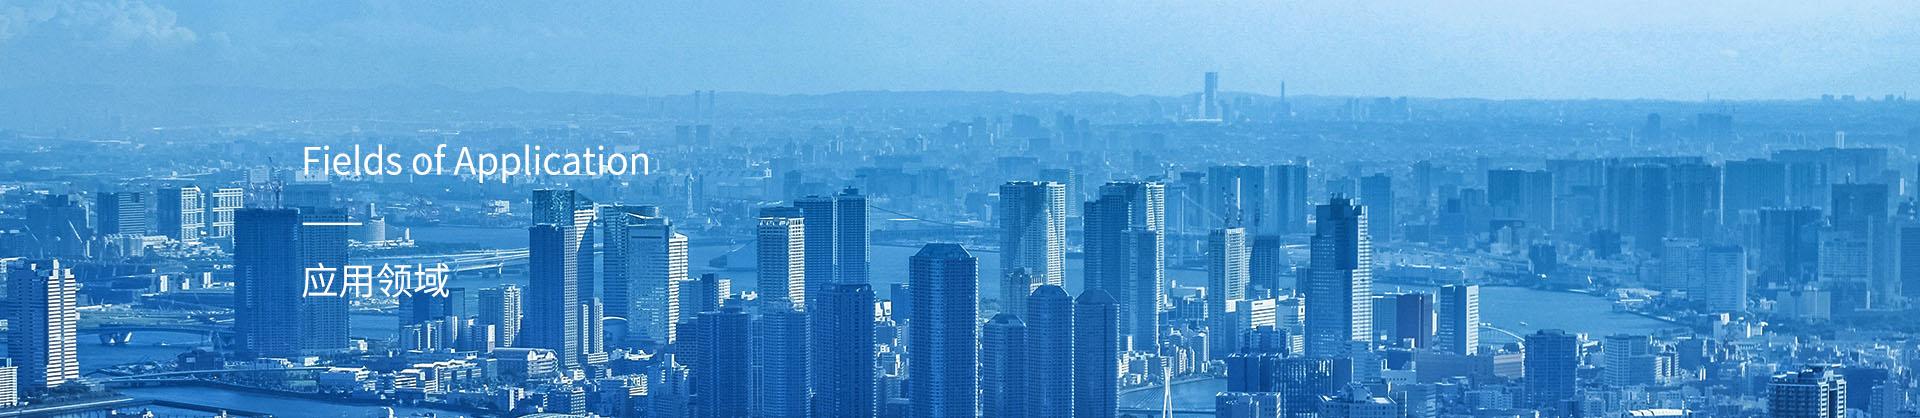 白云水泵厂.广州市白云泵业集团有限公司